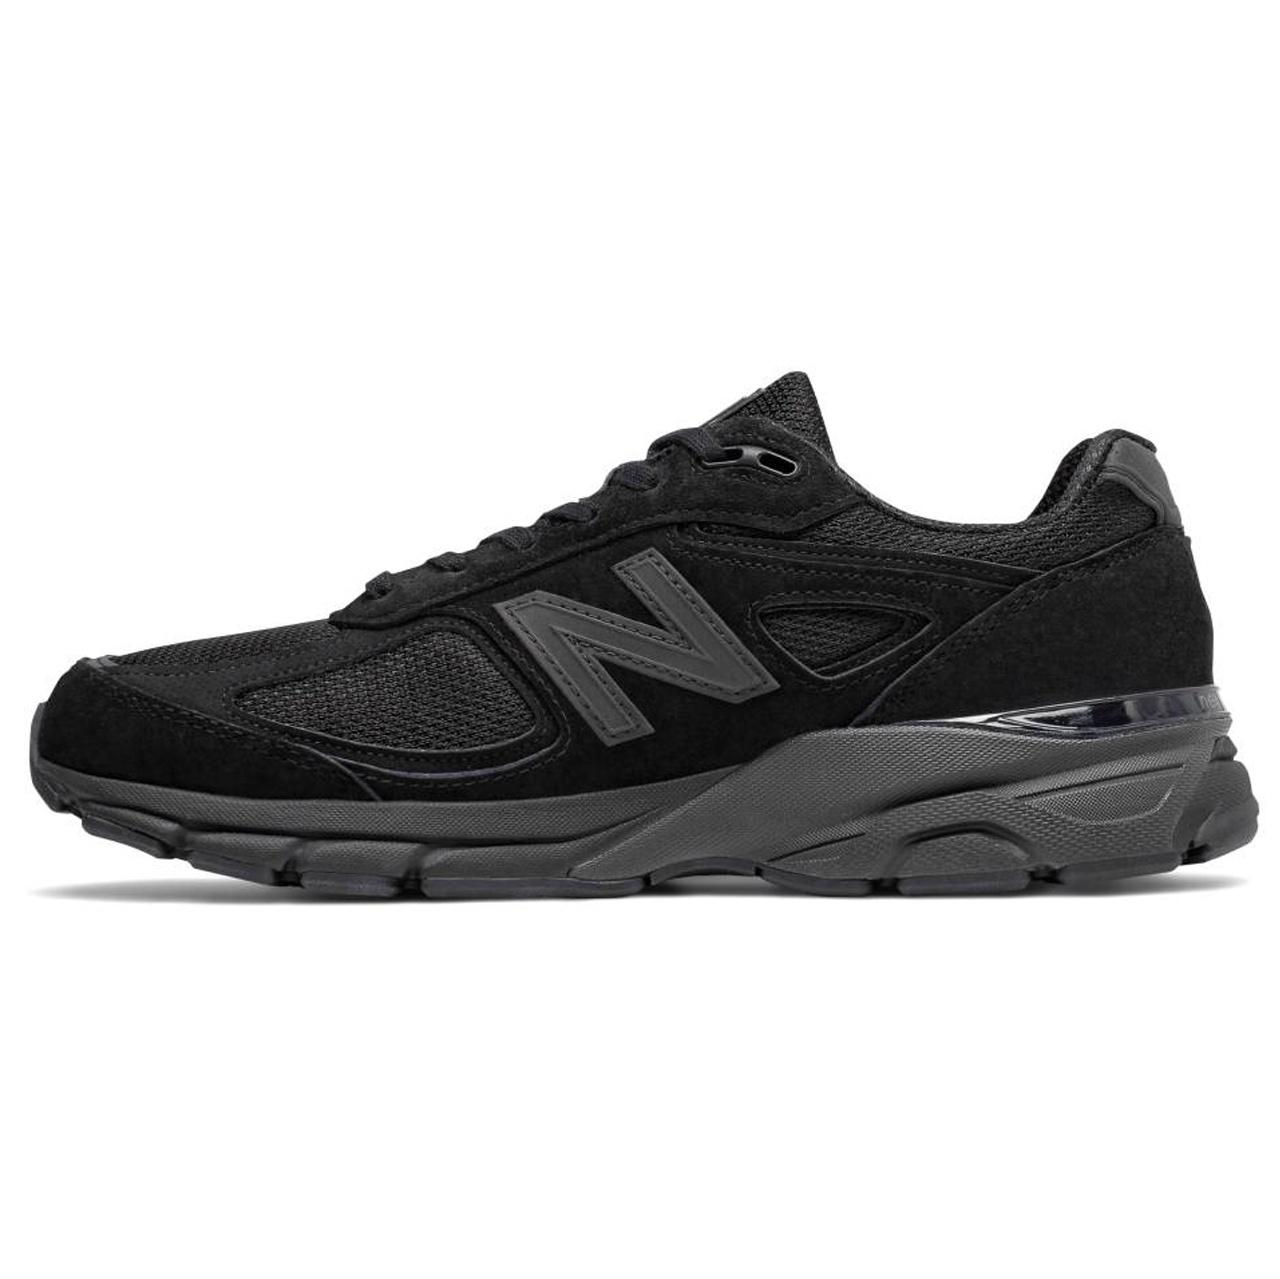 کفش مخصوص دویدن زنانه نیوبالانس مدل W990BB4 کد 7654-875